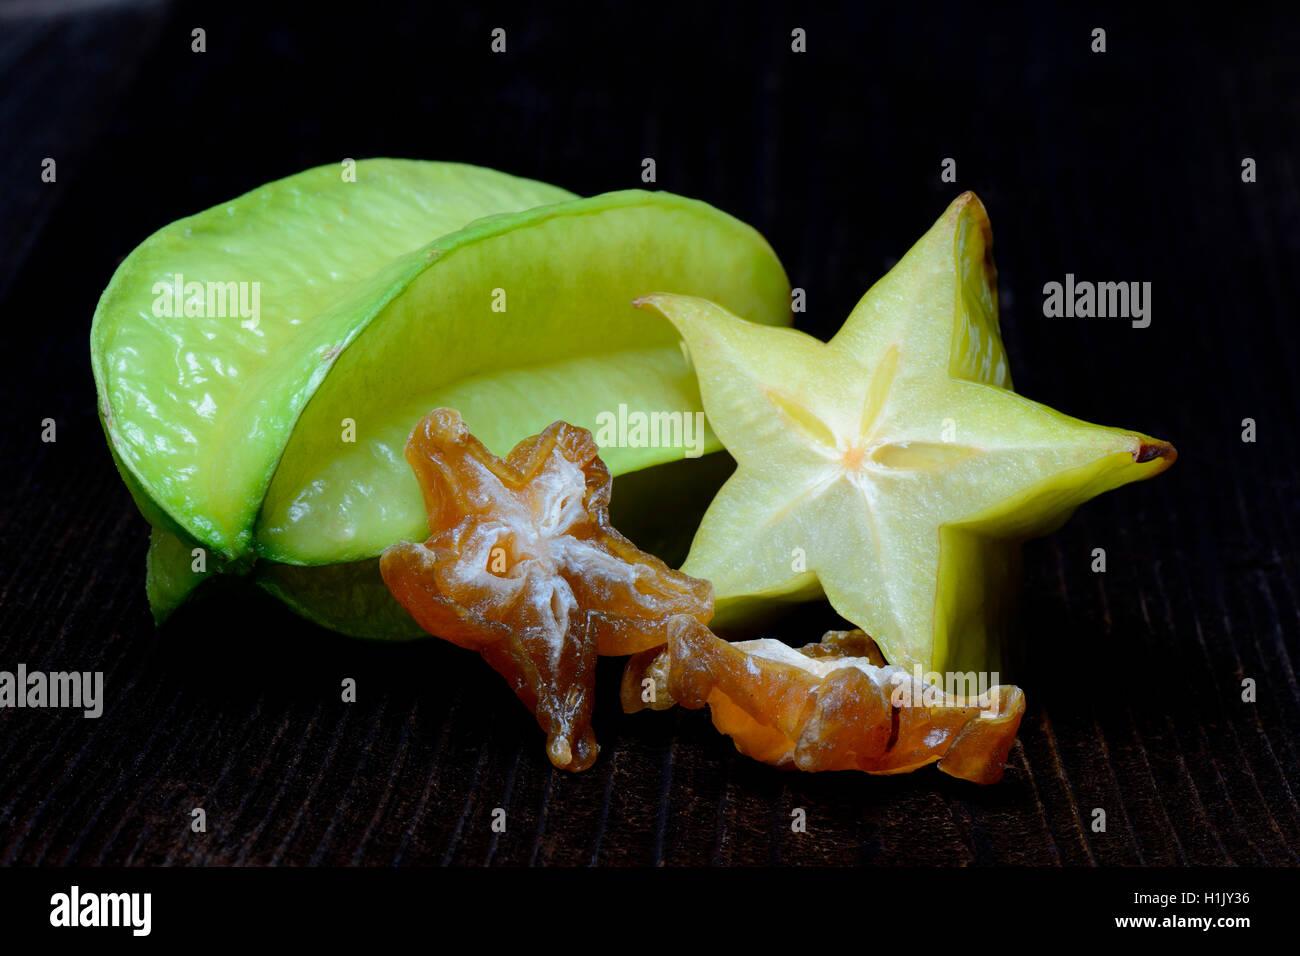 Sternfrucht, frische Frucht aufgeschnitten und getrocknete Frucht, Averrhoa carambola - Stock Image